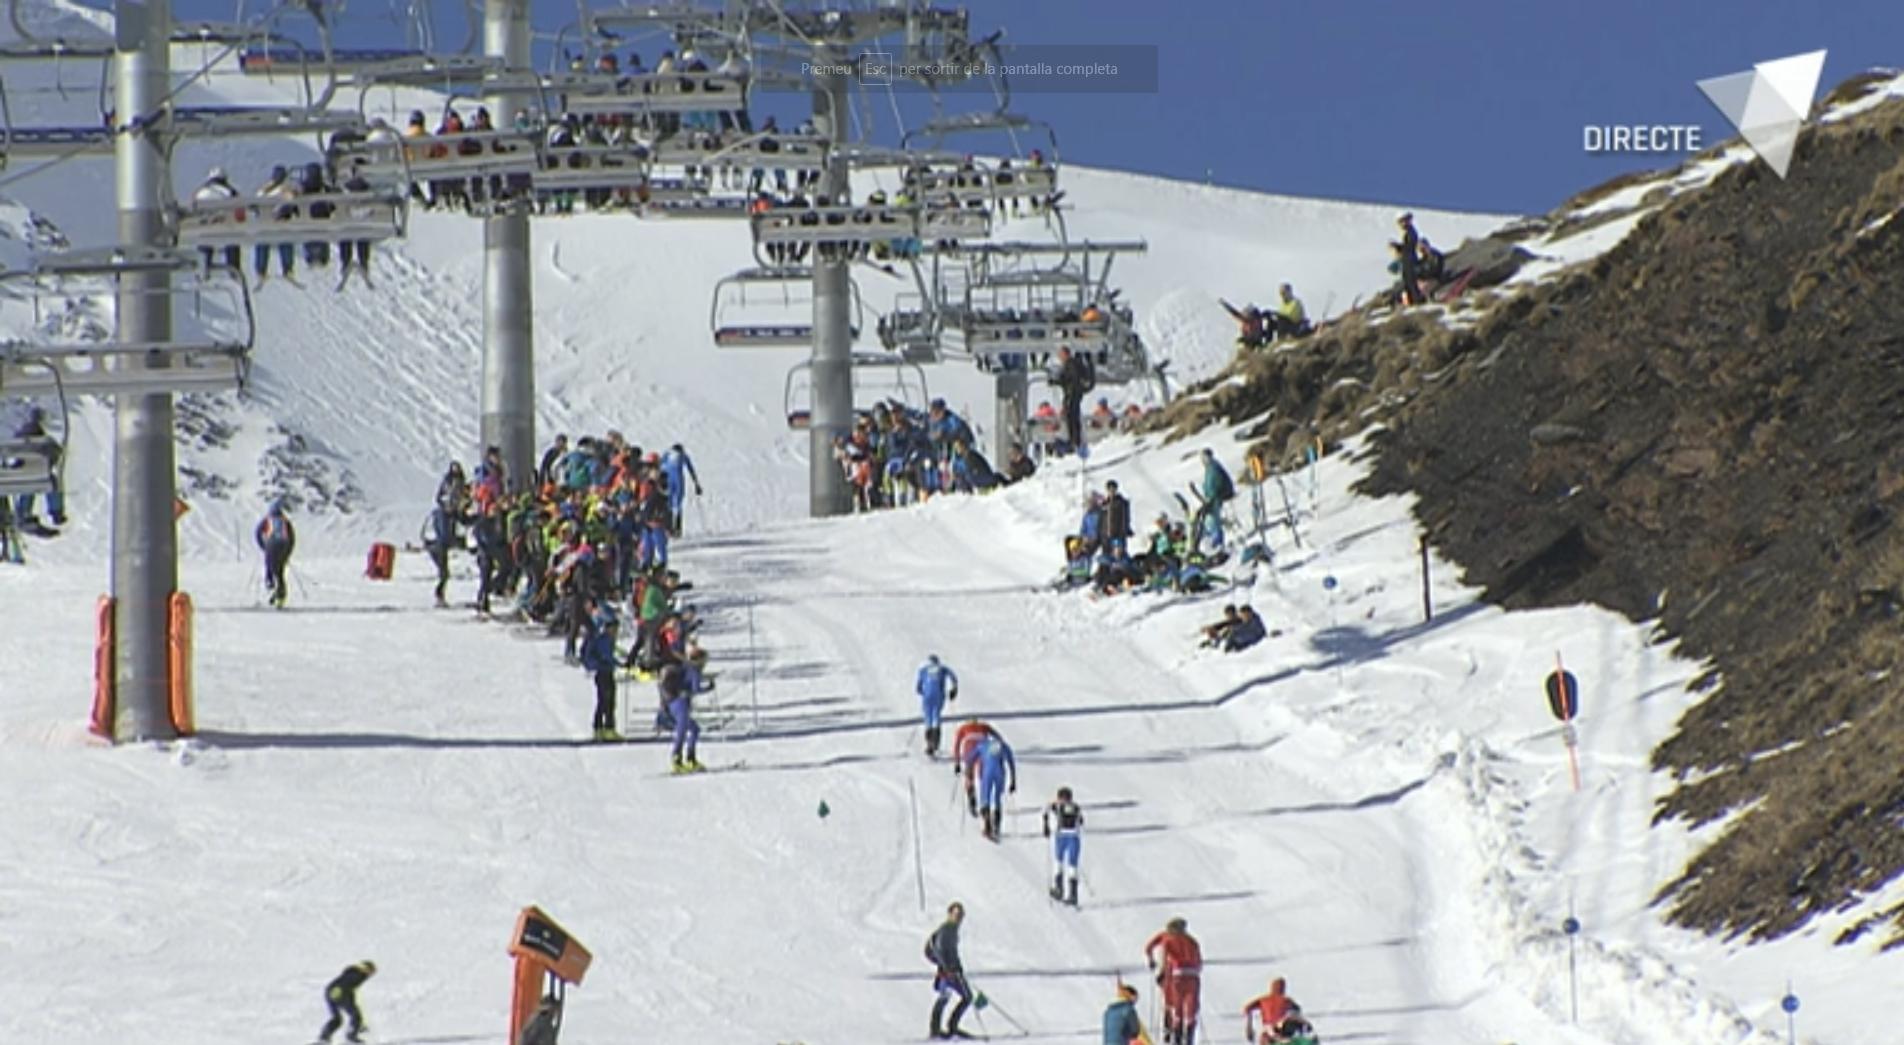 Programa especial curses verticals de la Copa del Món d'esquí de muntanya Font Blanca 2018 - segona part